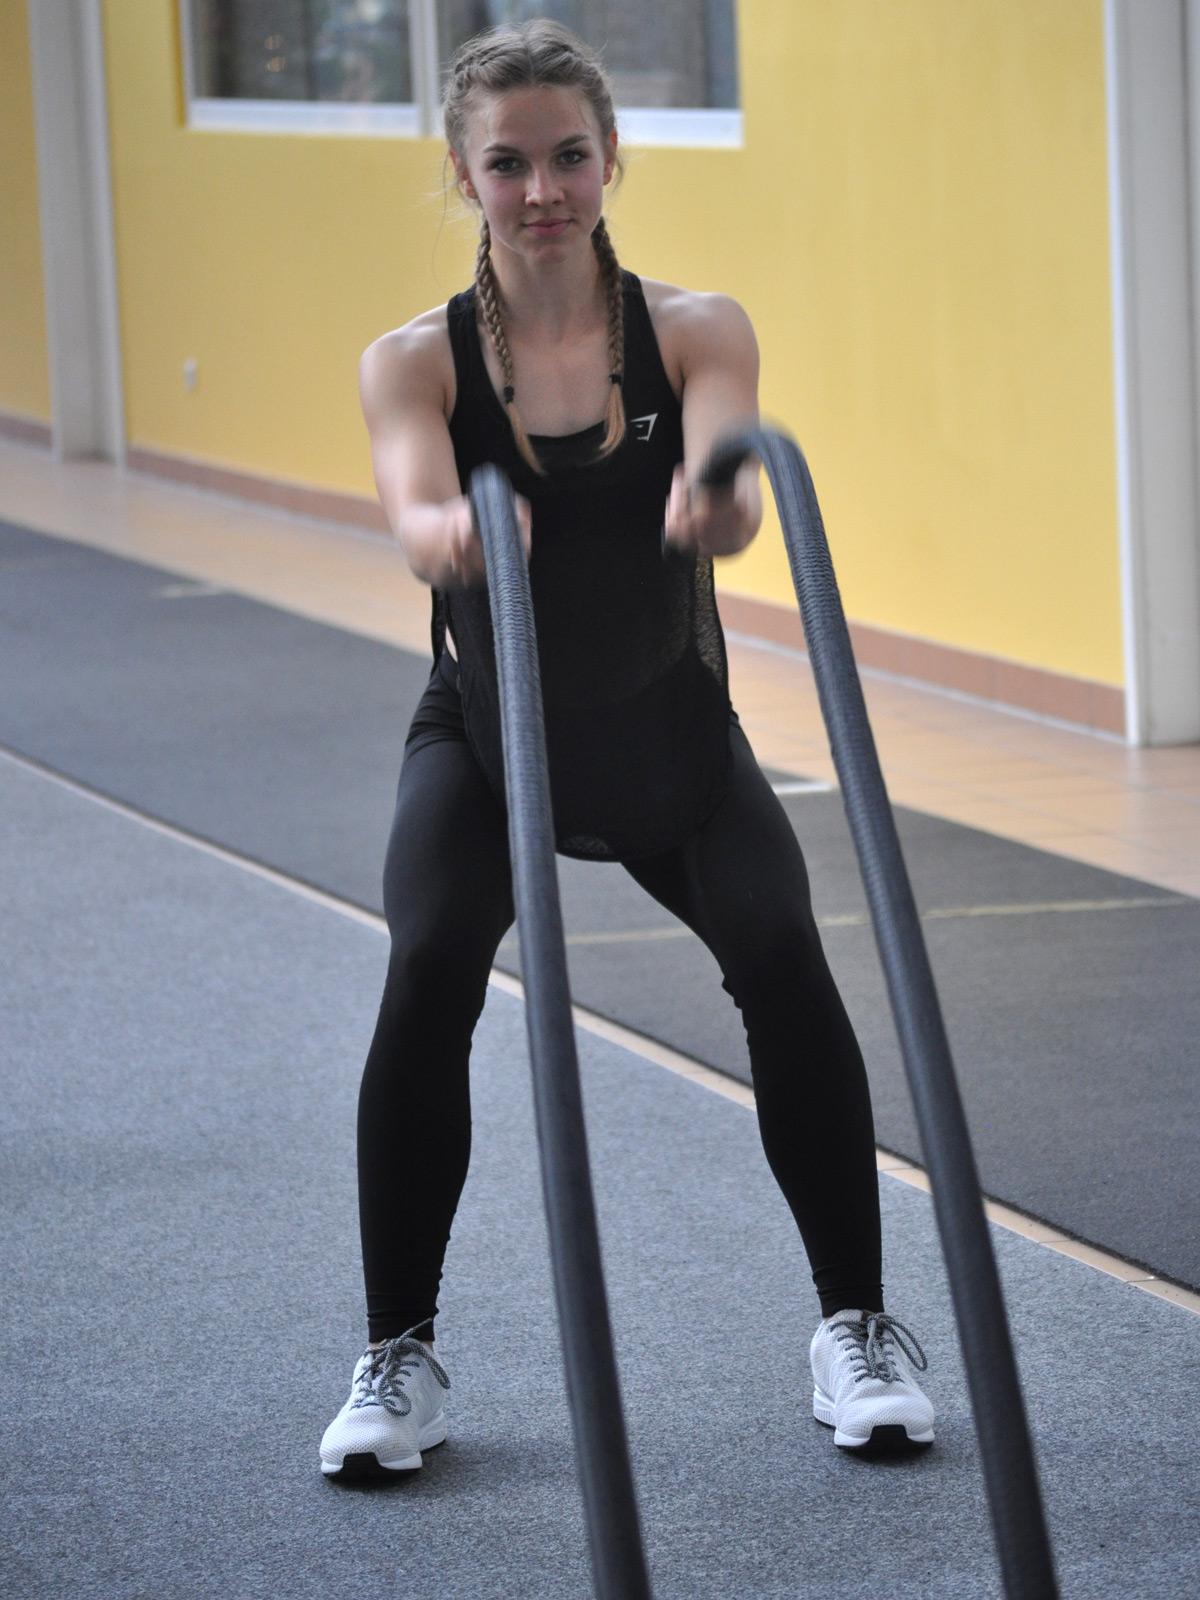 Fitnessstudio Havixbeck nadja neiteler dualstudentin stellt sich vor of sports